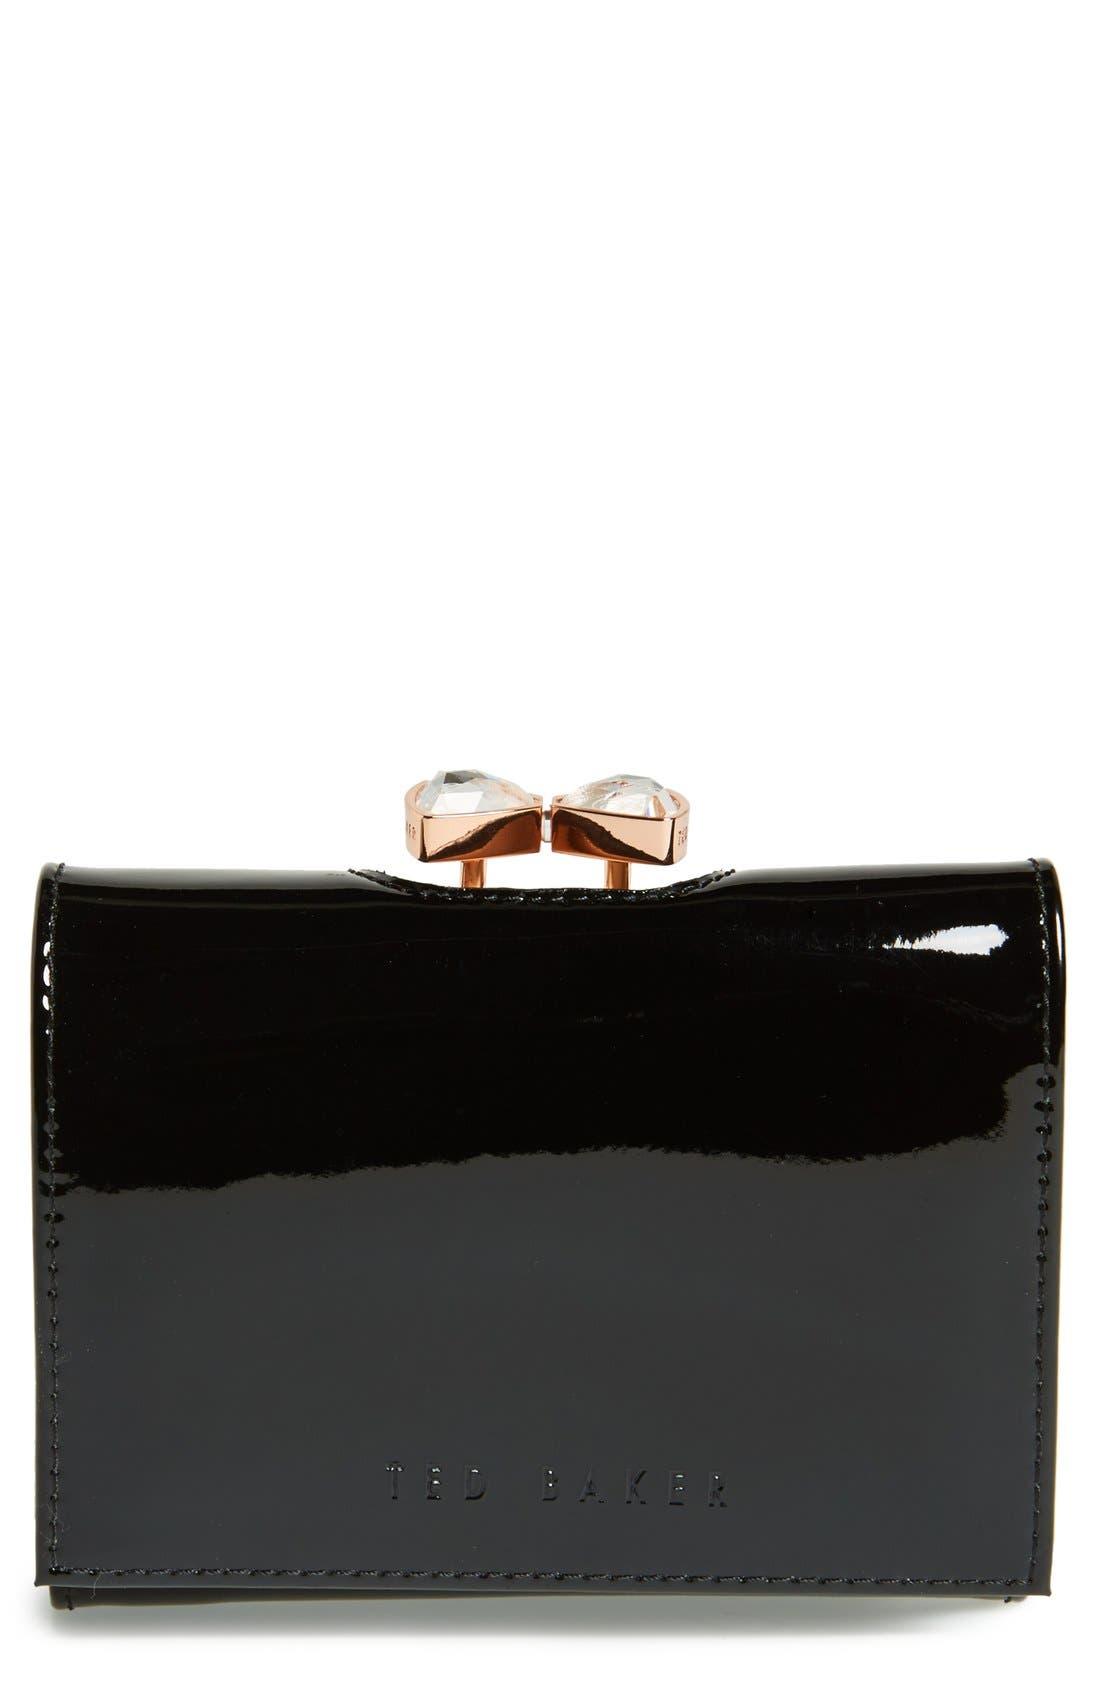 'Small Bow' Crystal Kiss Lock Wallet, Main, color, 002